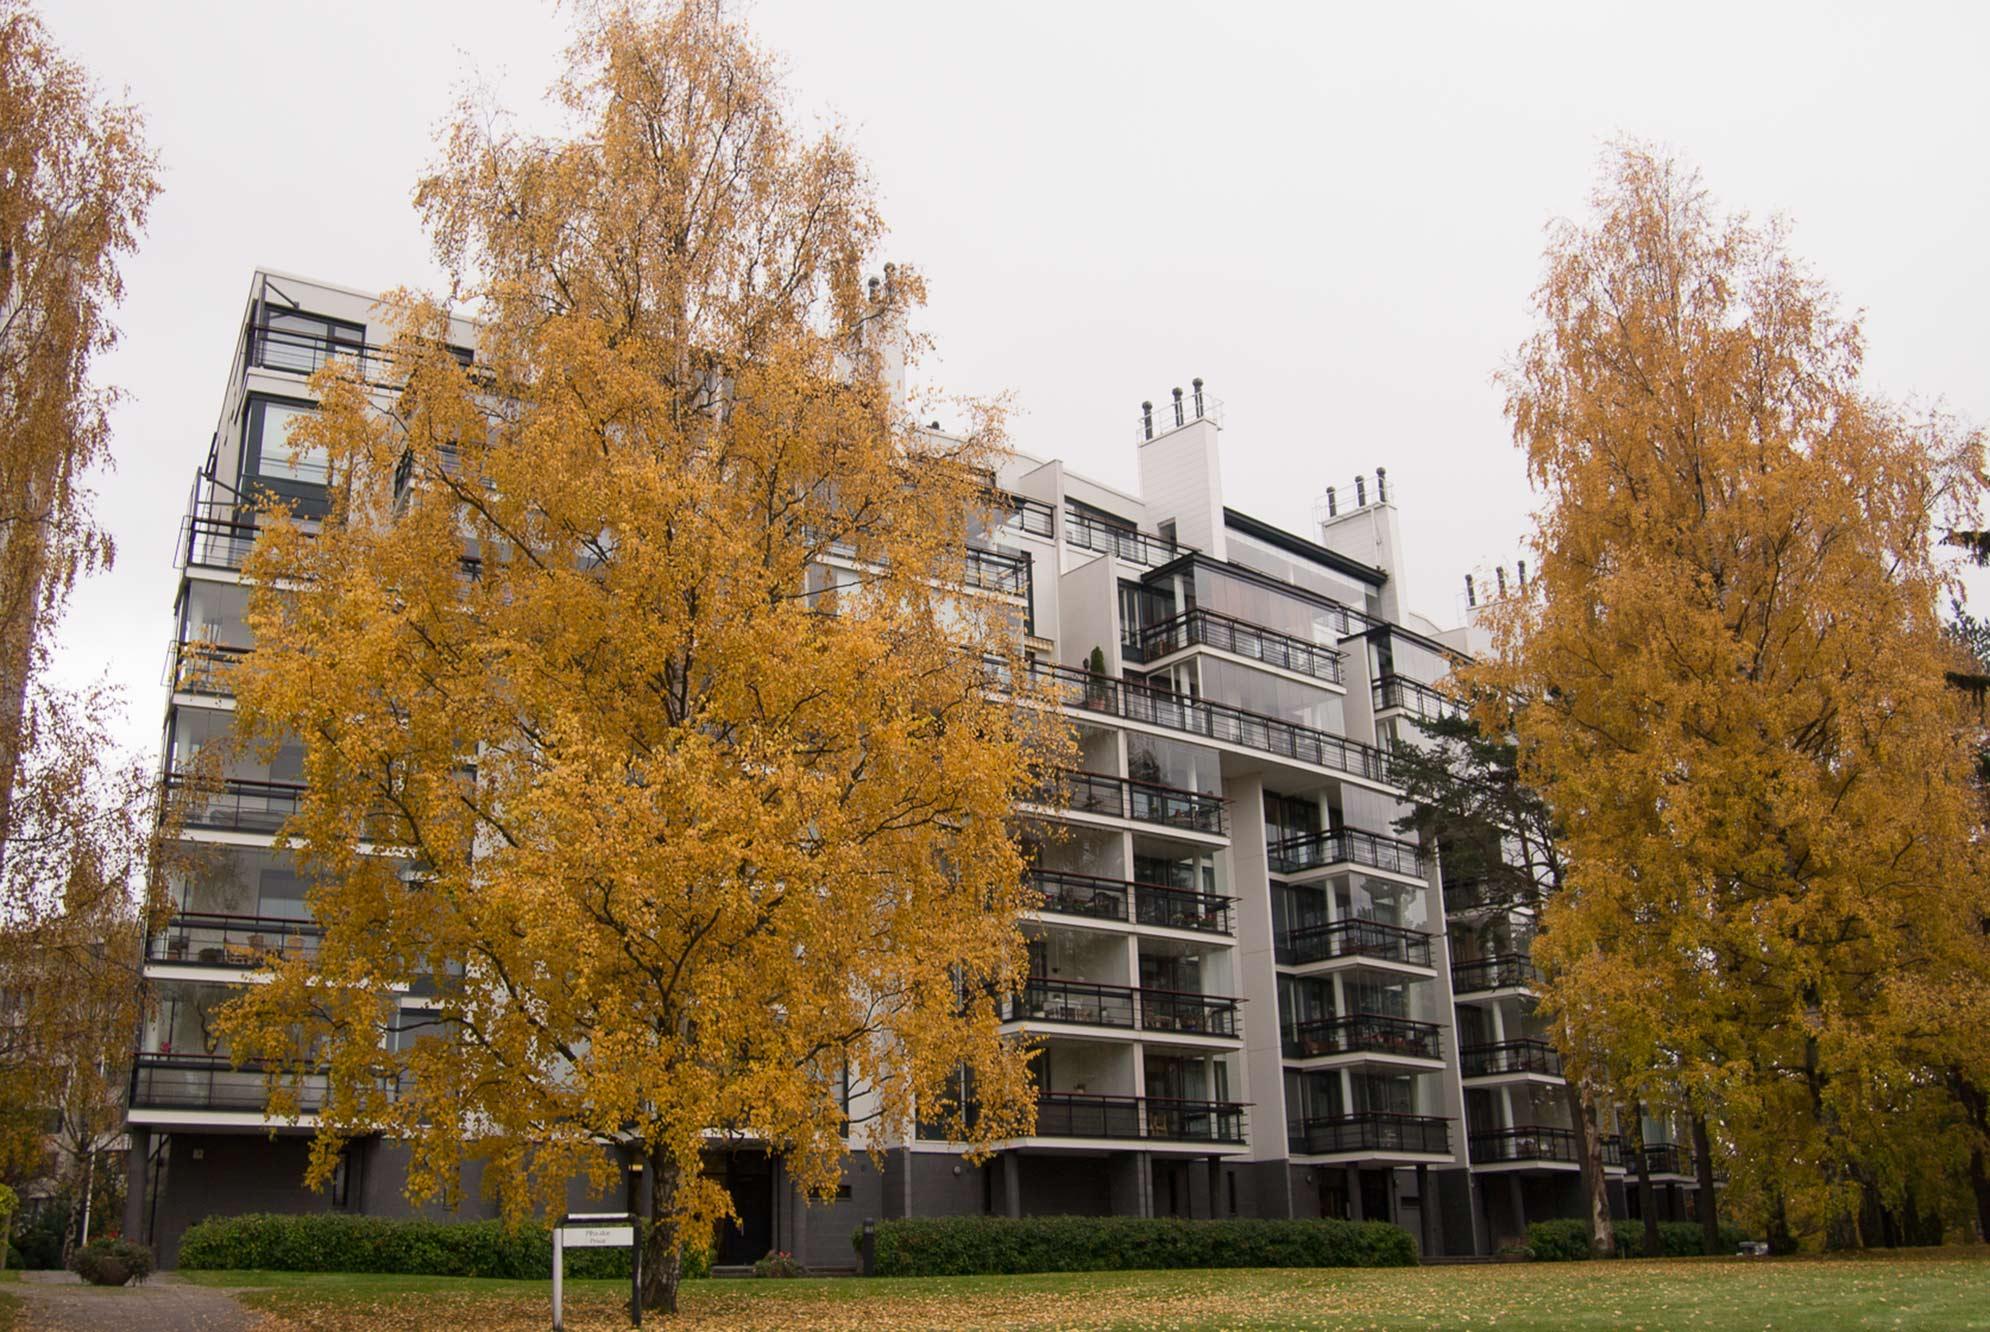 edificios-acristalados-Lumon-norte-europa-1